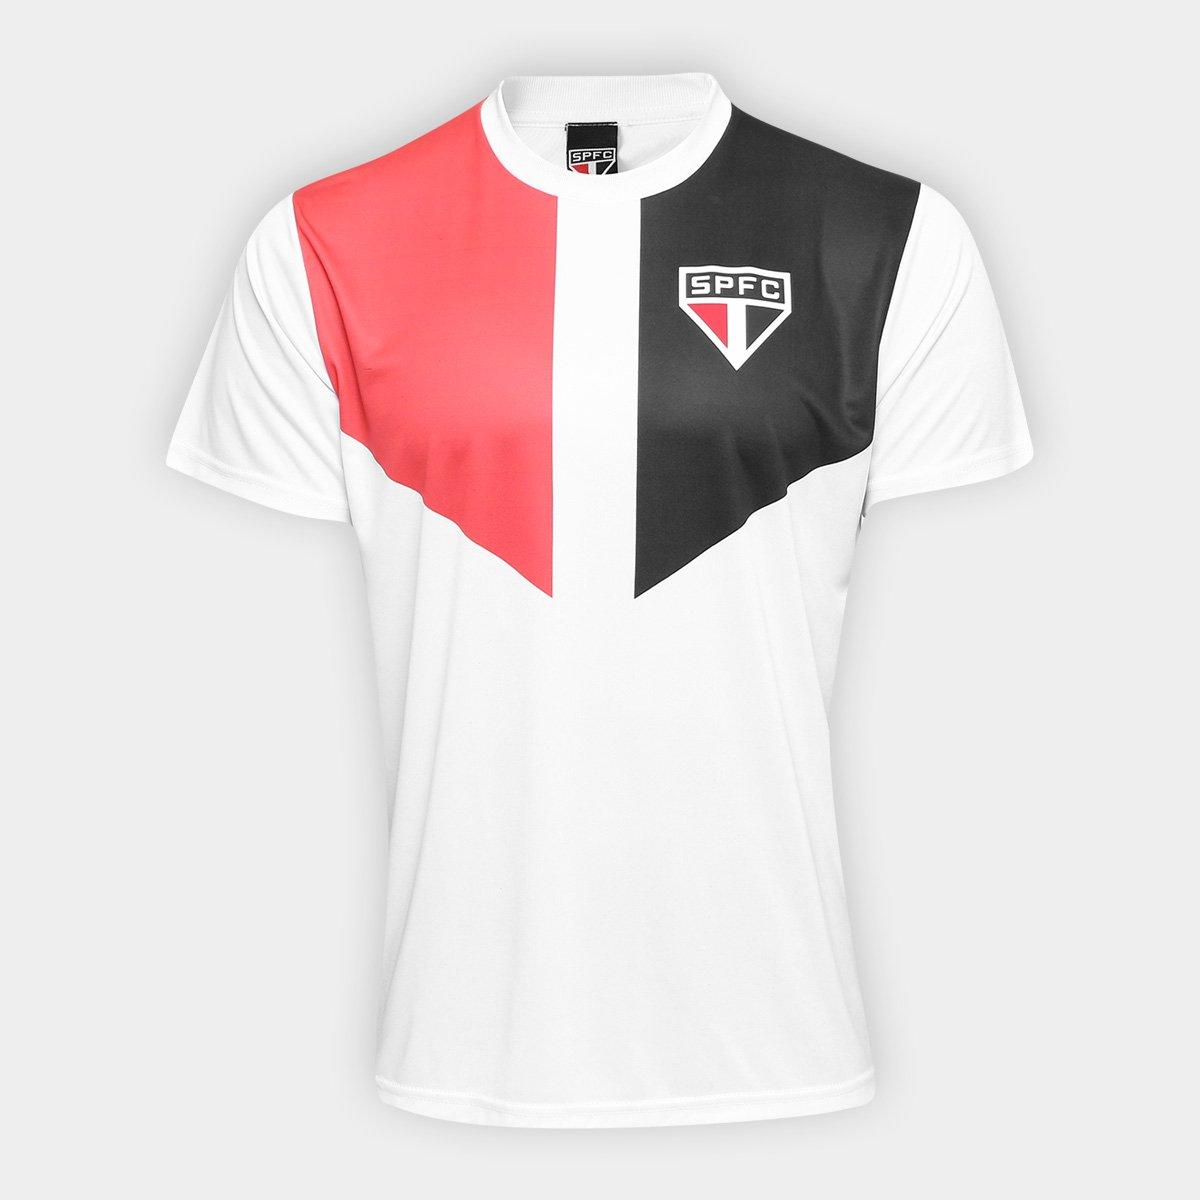 Camisa São Paulo Edição Limitada Masculina 9fef1159b590d